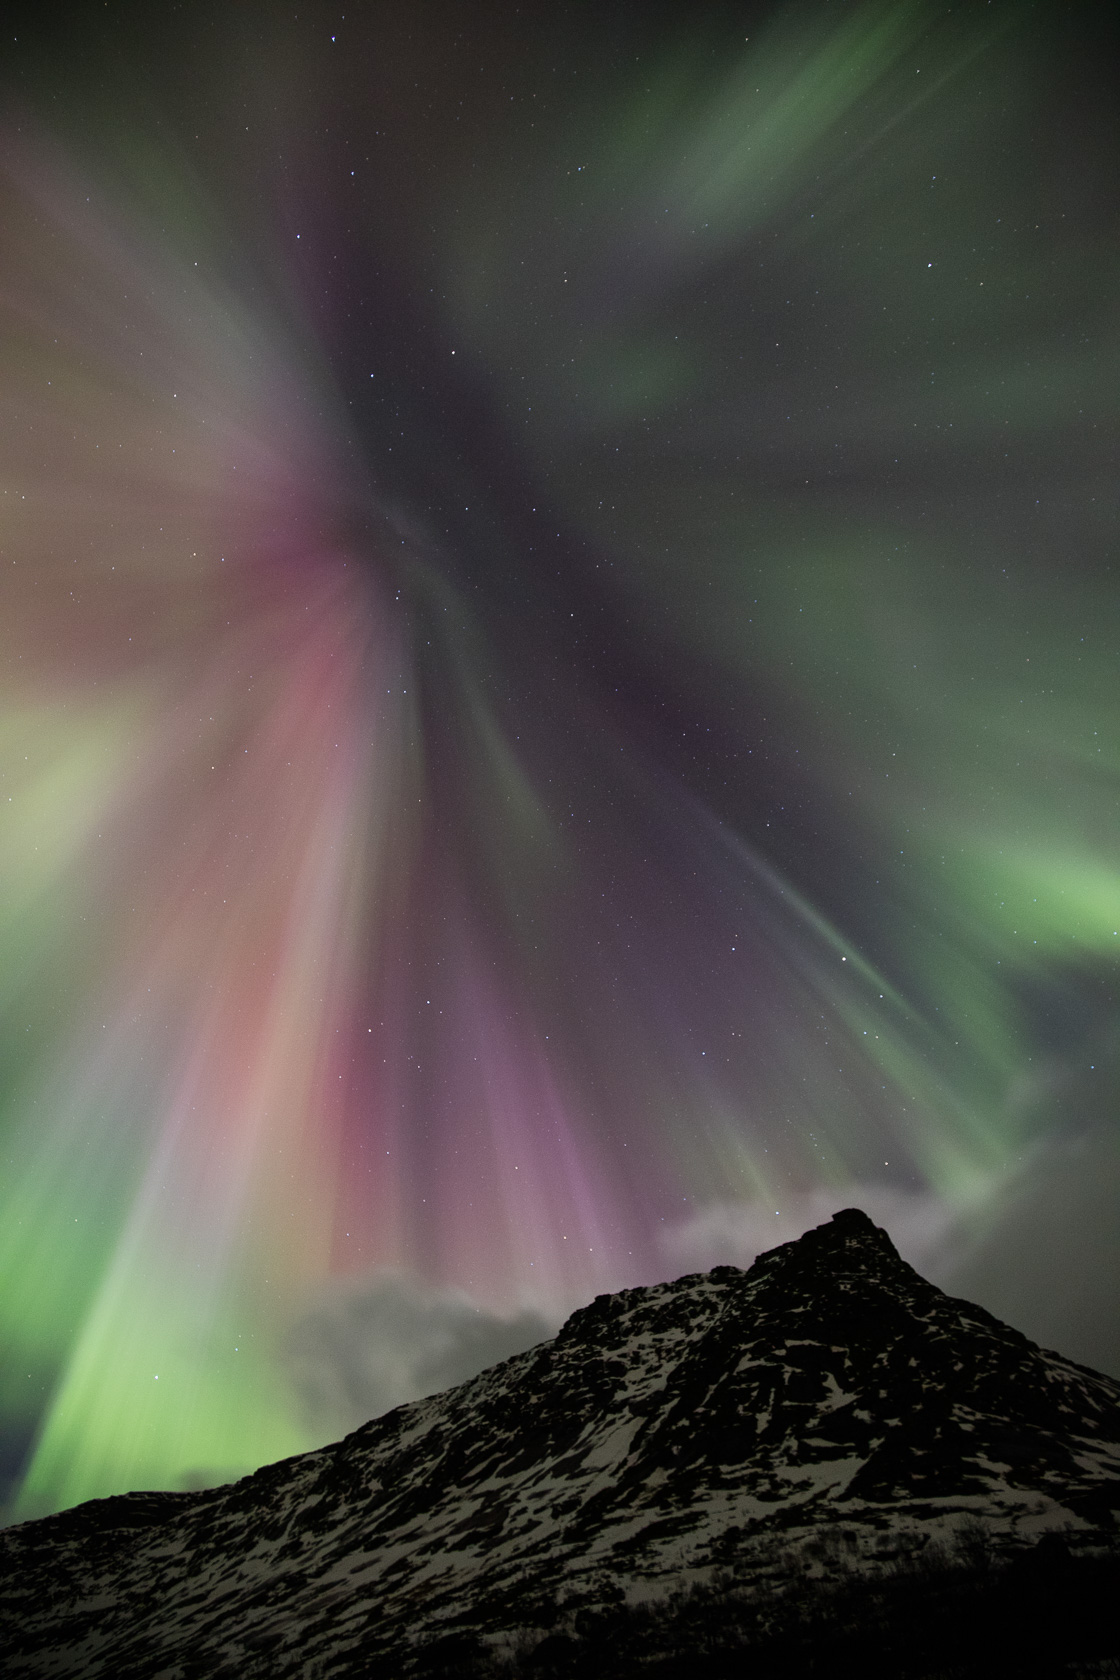 aurore boréale en corona lors d'un voyage photo dans les îles Lofoten, en Norvège